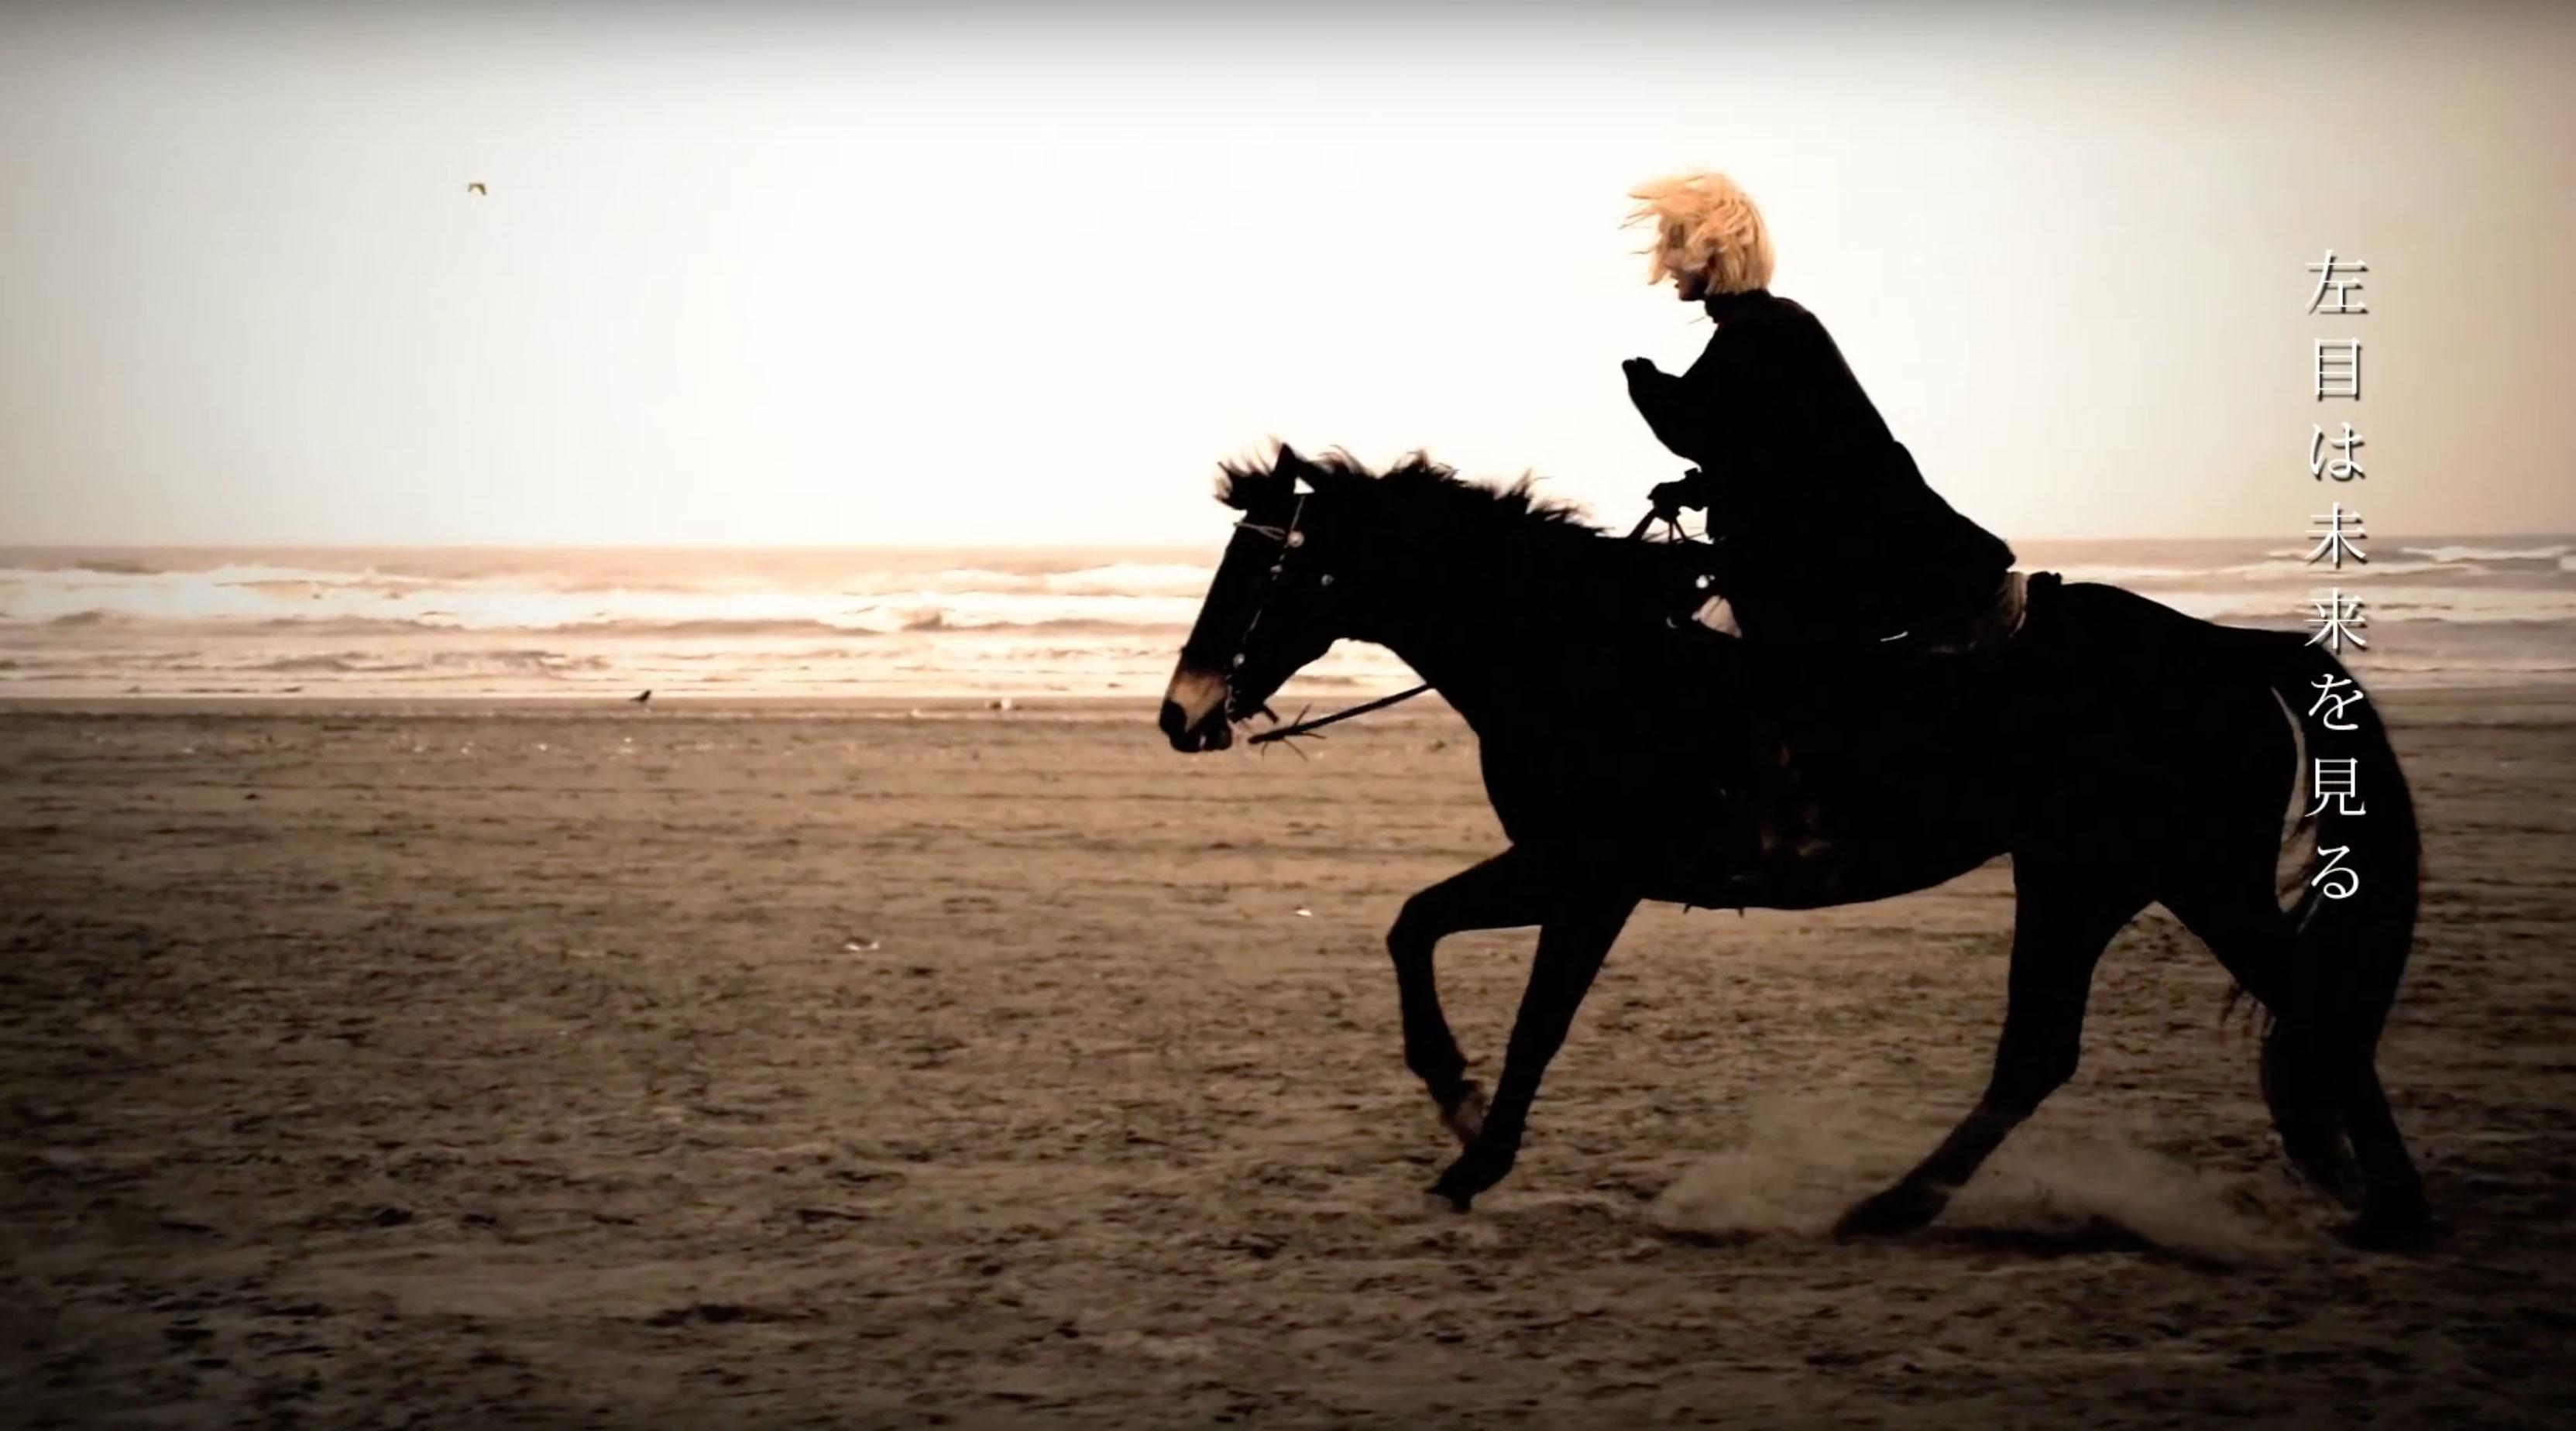 黒木渚『革命』Music Video / Movie